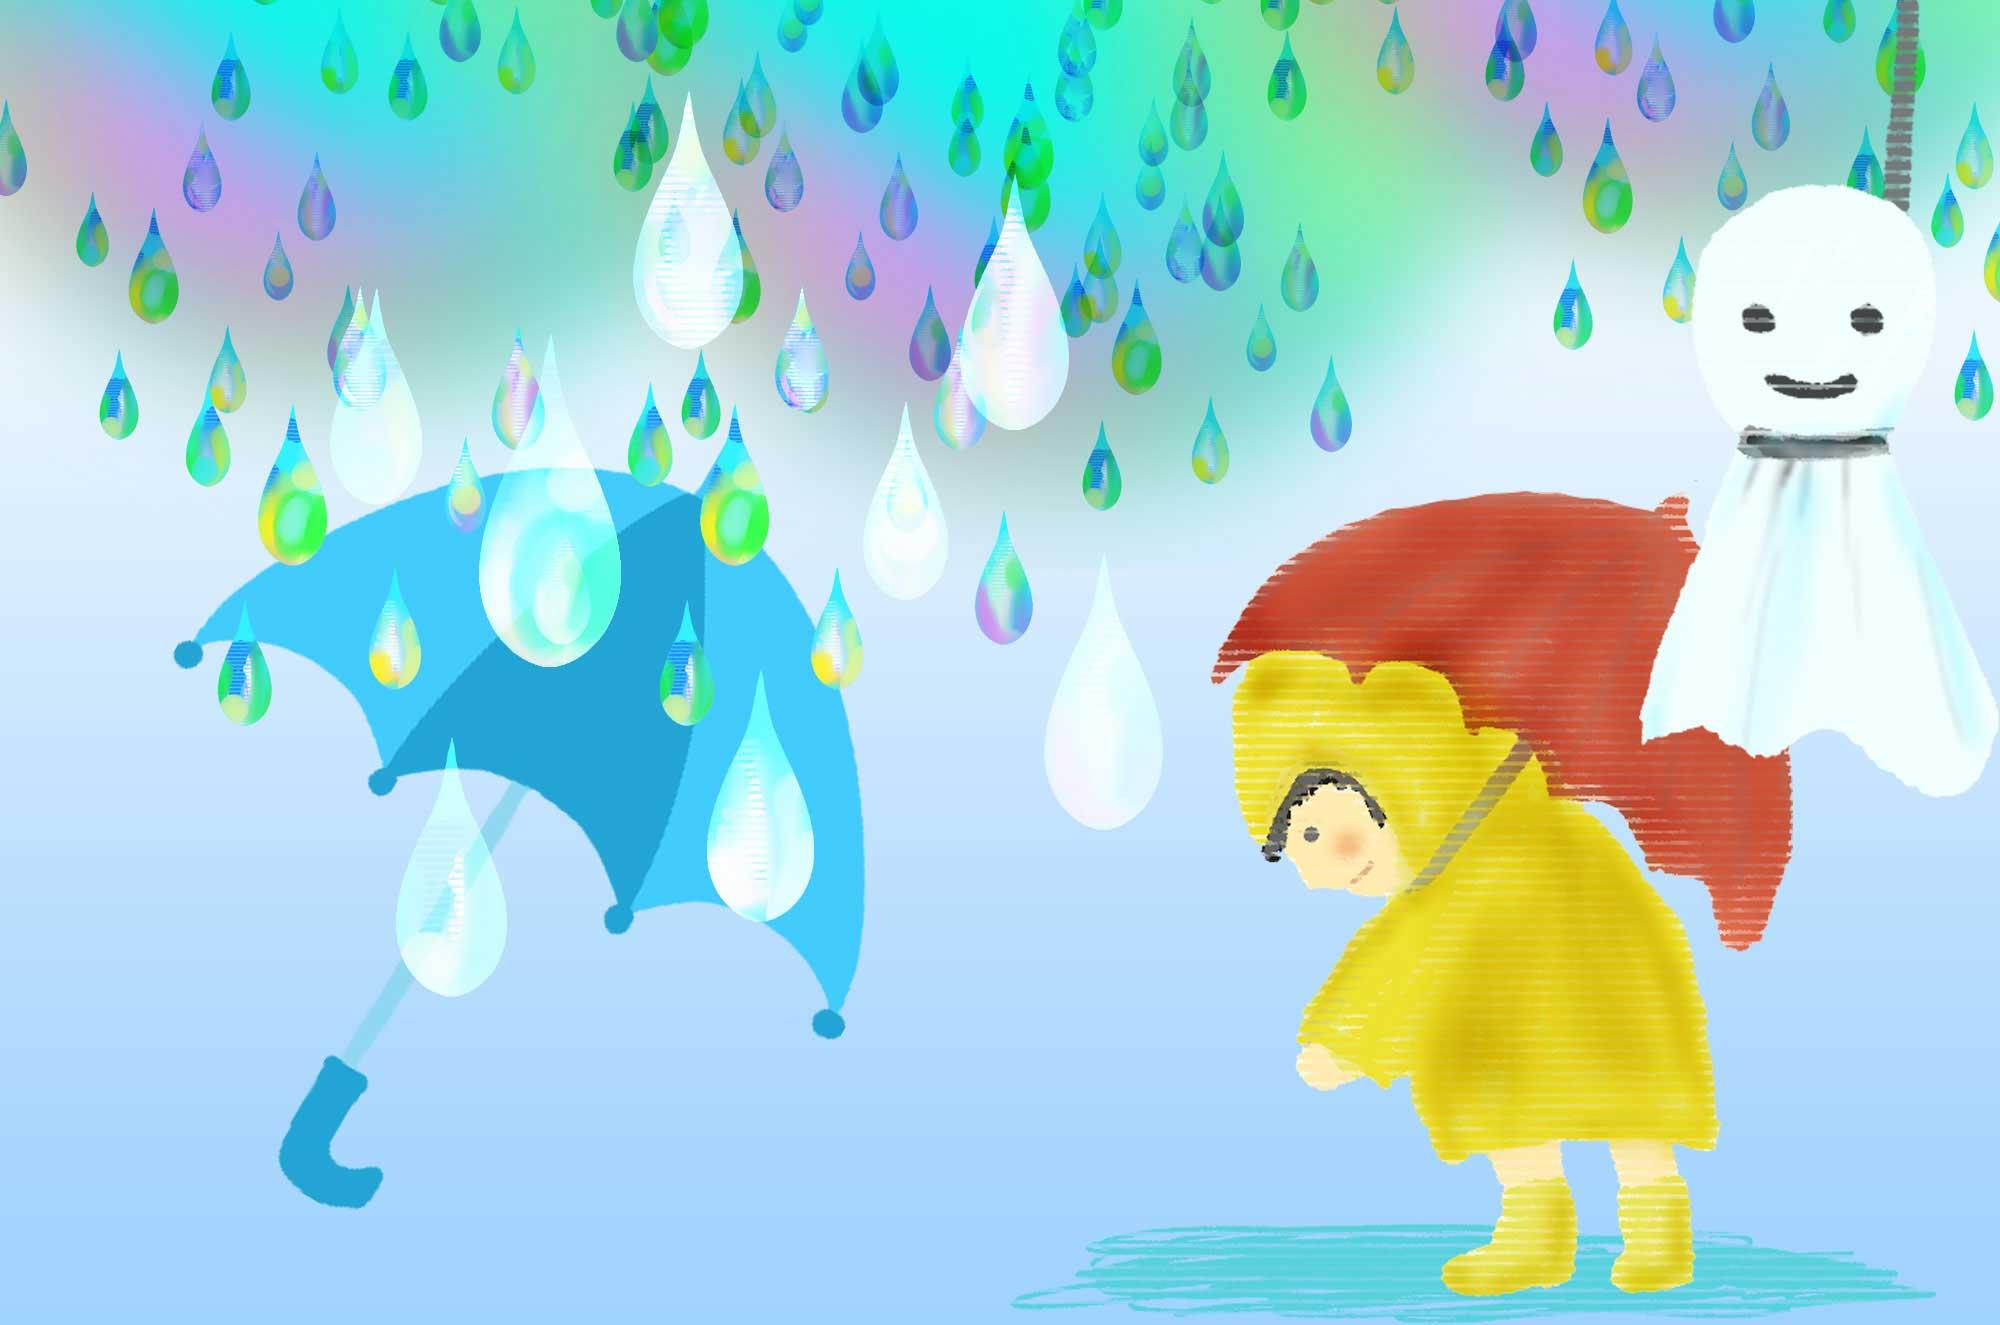 雨イラスト - てるてる坊主・傘・長靴の素材集